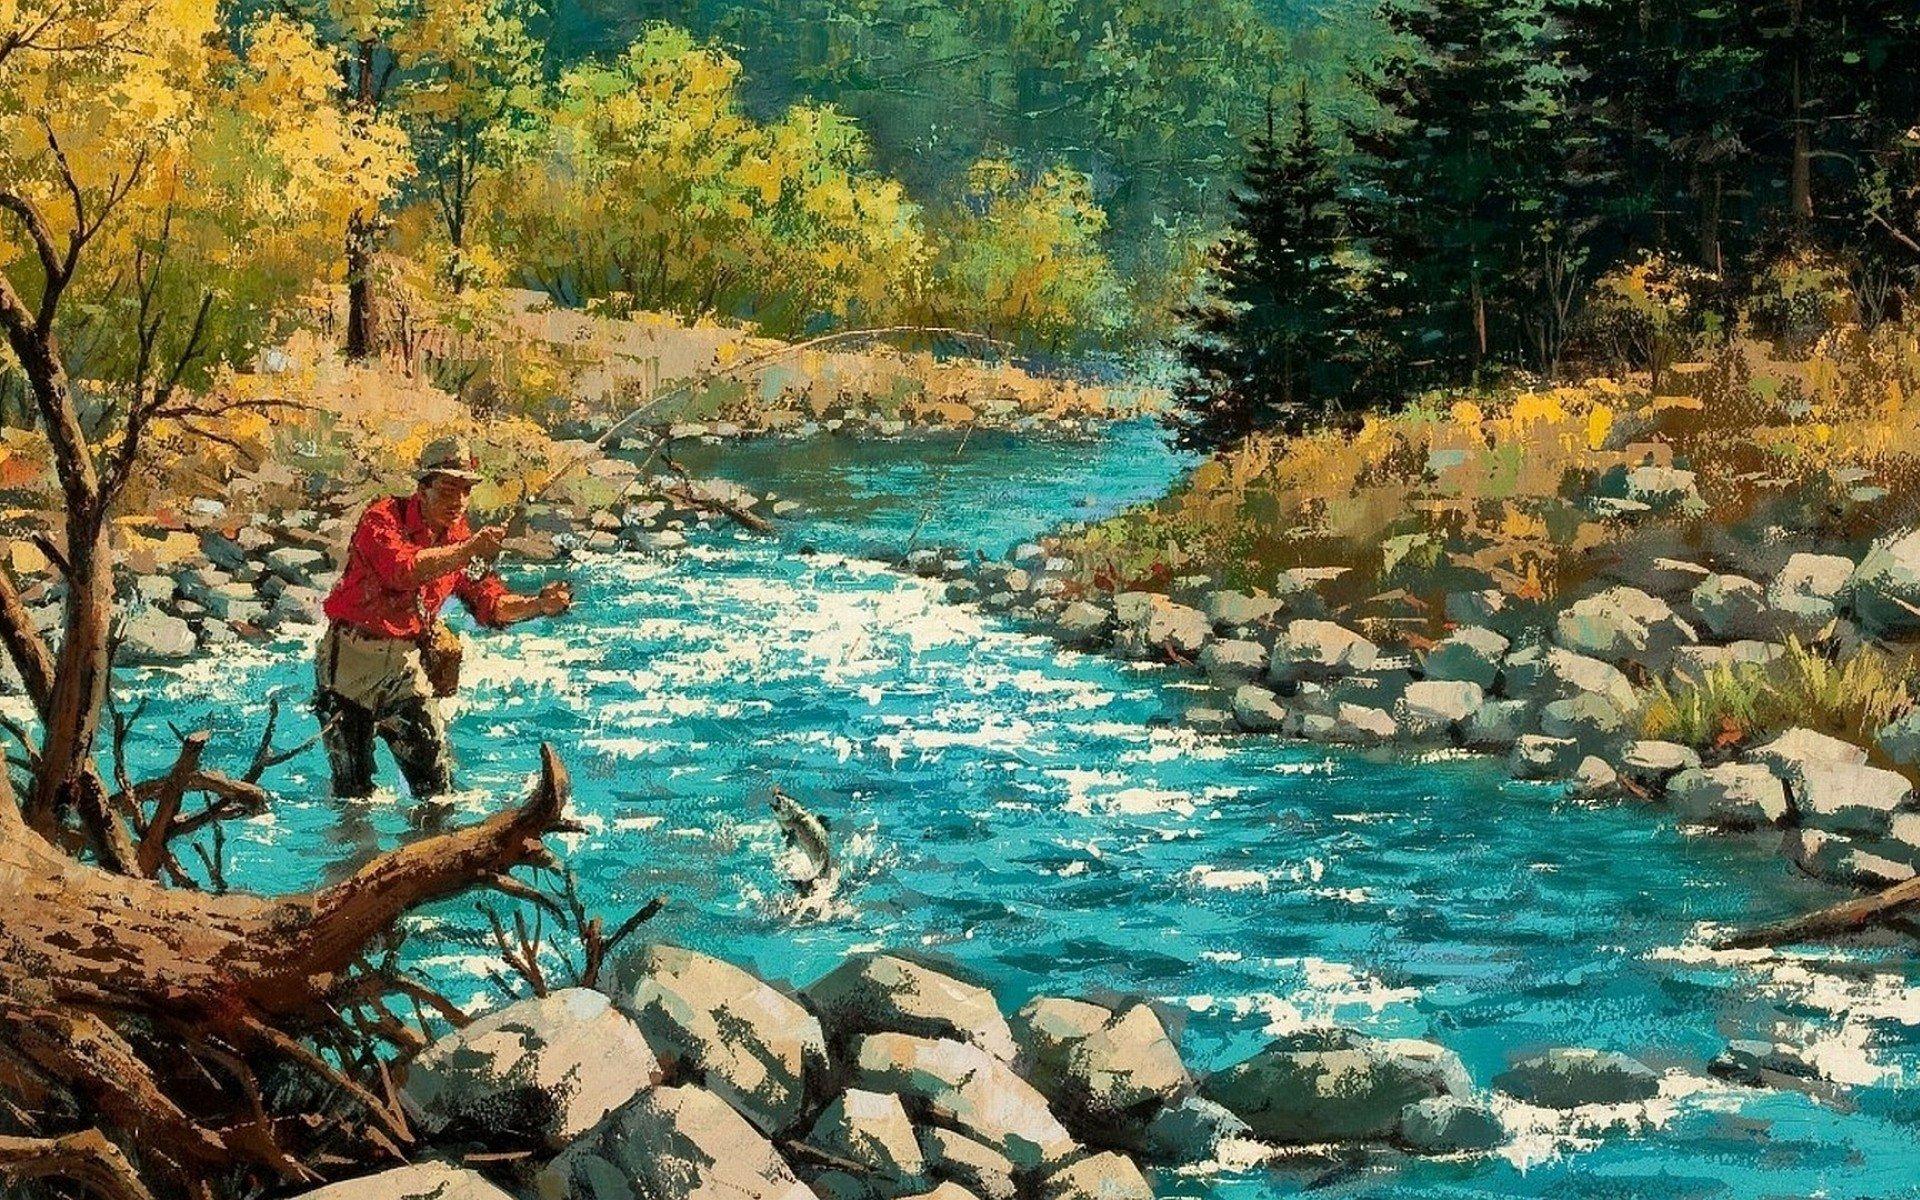 Fishing Stream Wallpaper - WallpaperSafari